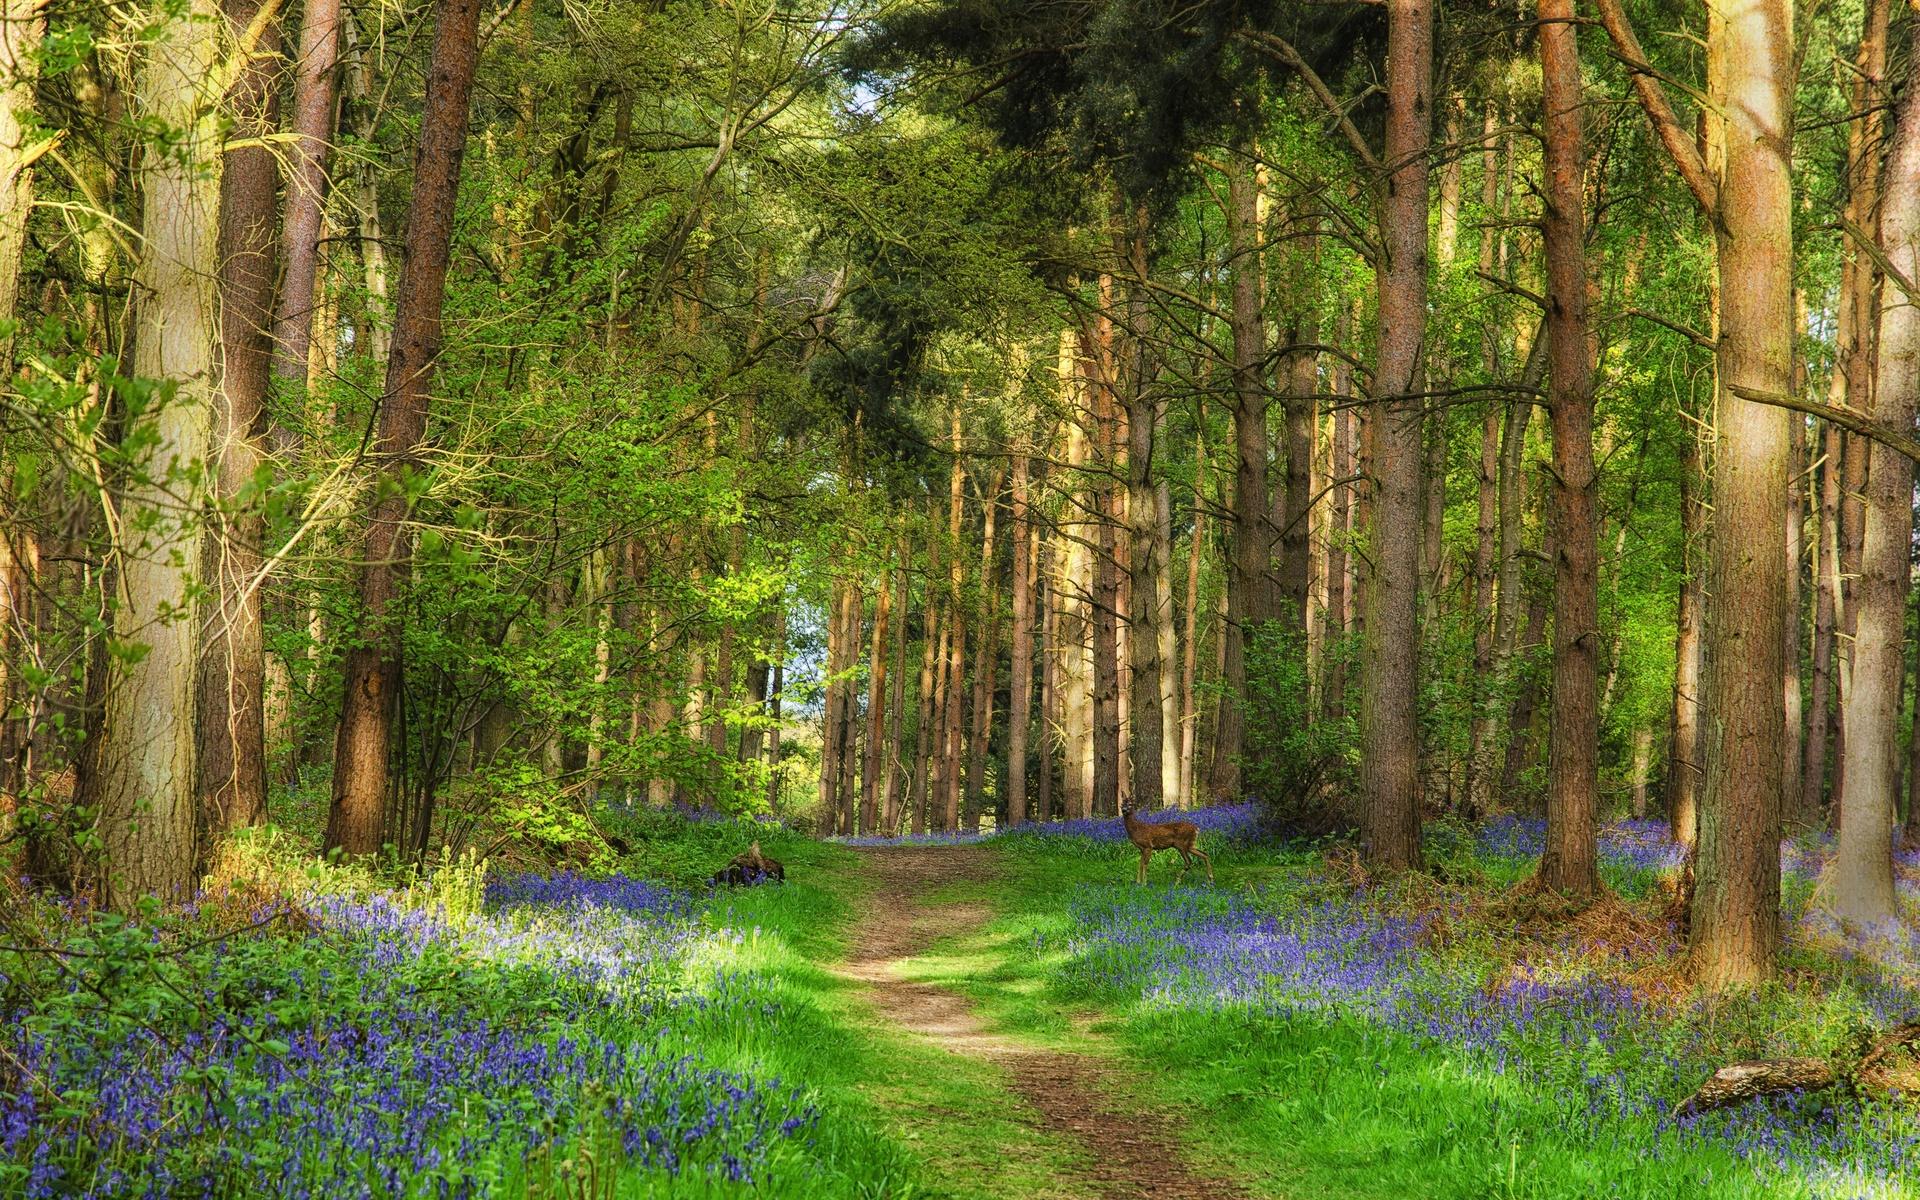 лесные пейзажи фото высокого разрешения популярность можно сравнить